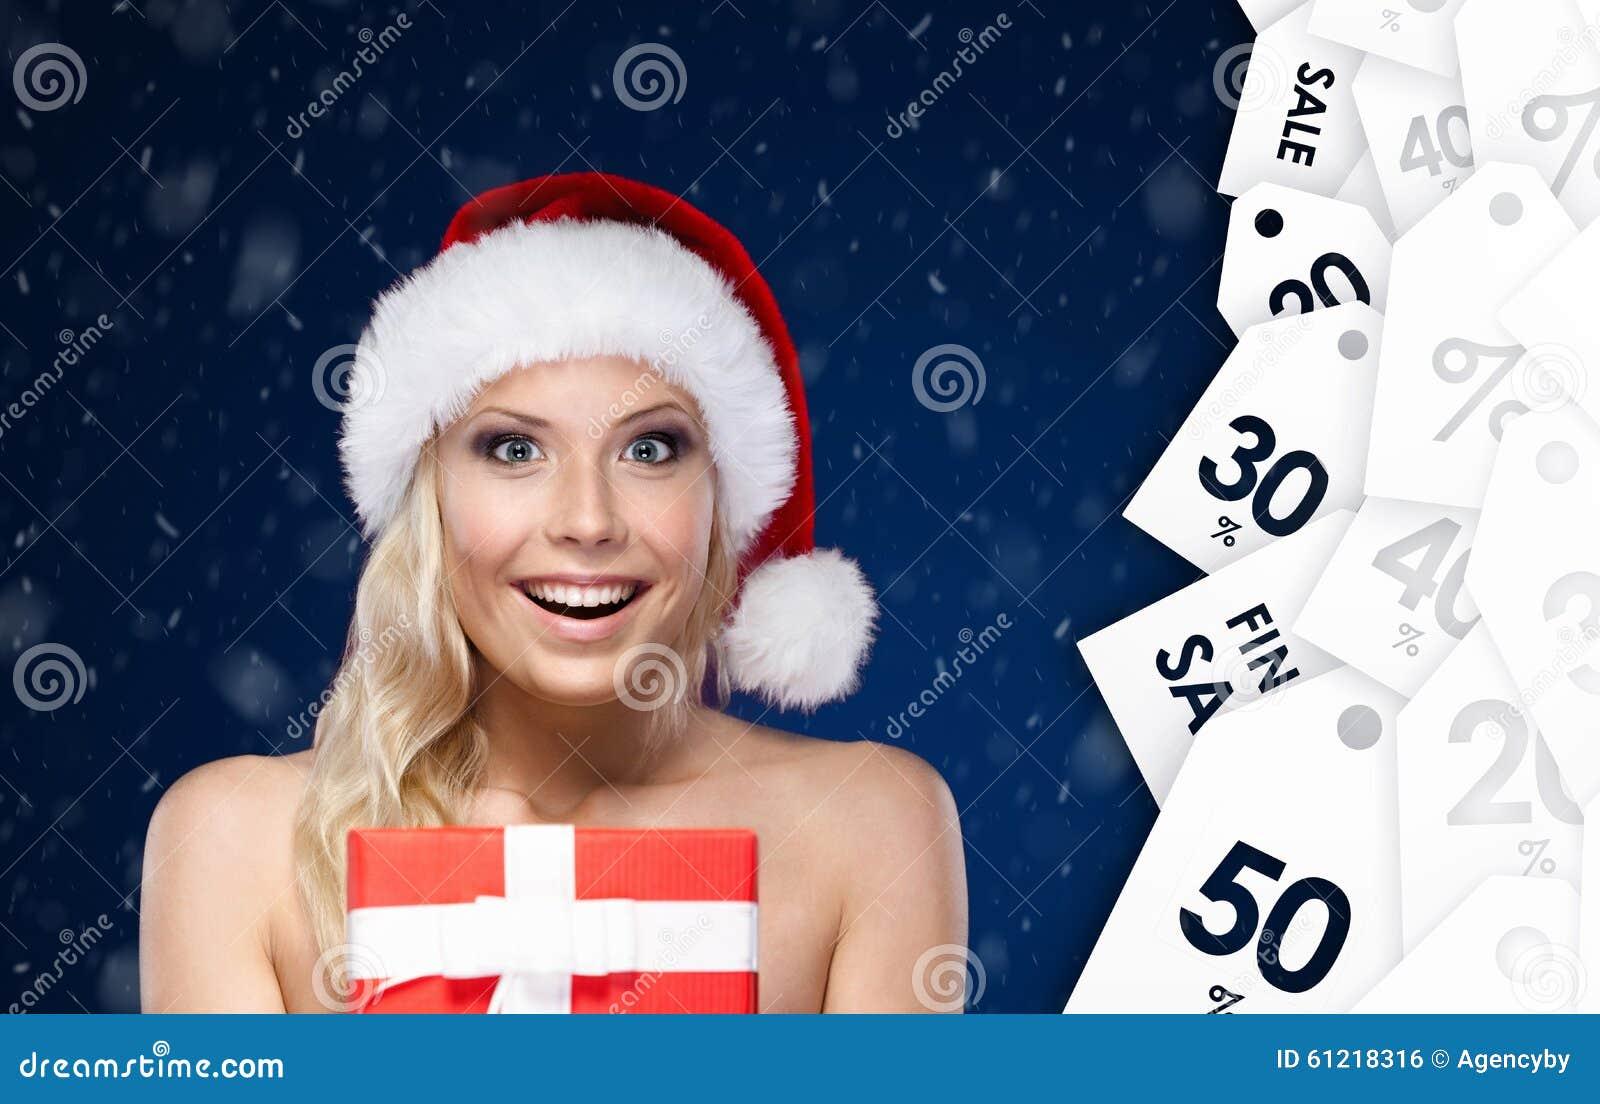 La mujer bonita en casquillo de la Navidad da el presente envuelto con el papel rojo